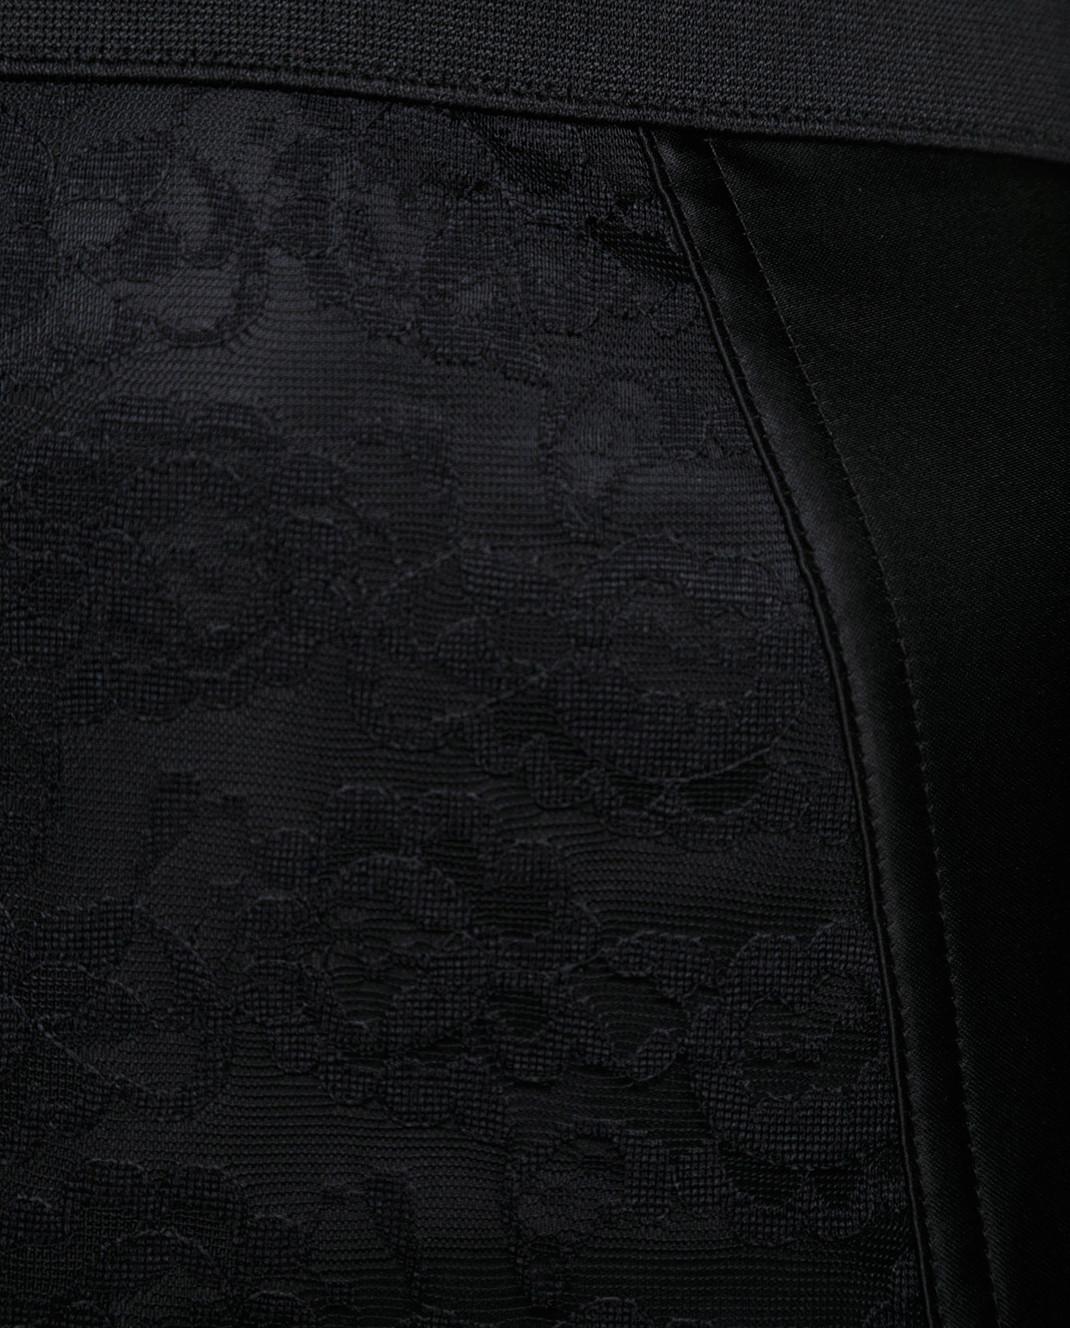 Dolce&Gabbana Черные трусики FTAG1TGDC48 изображение 3